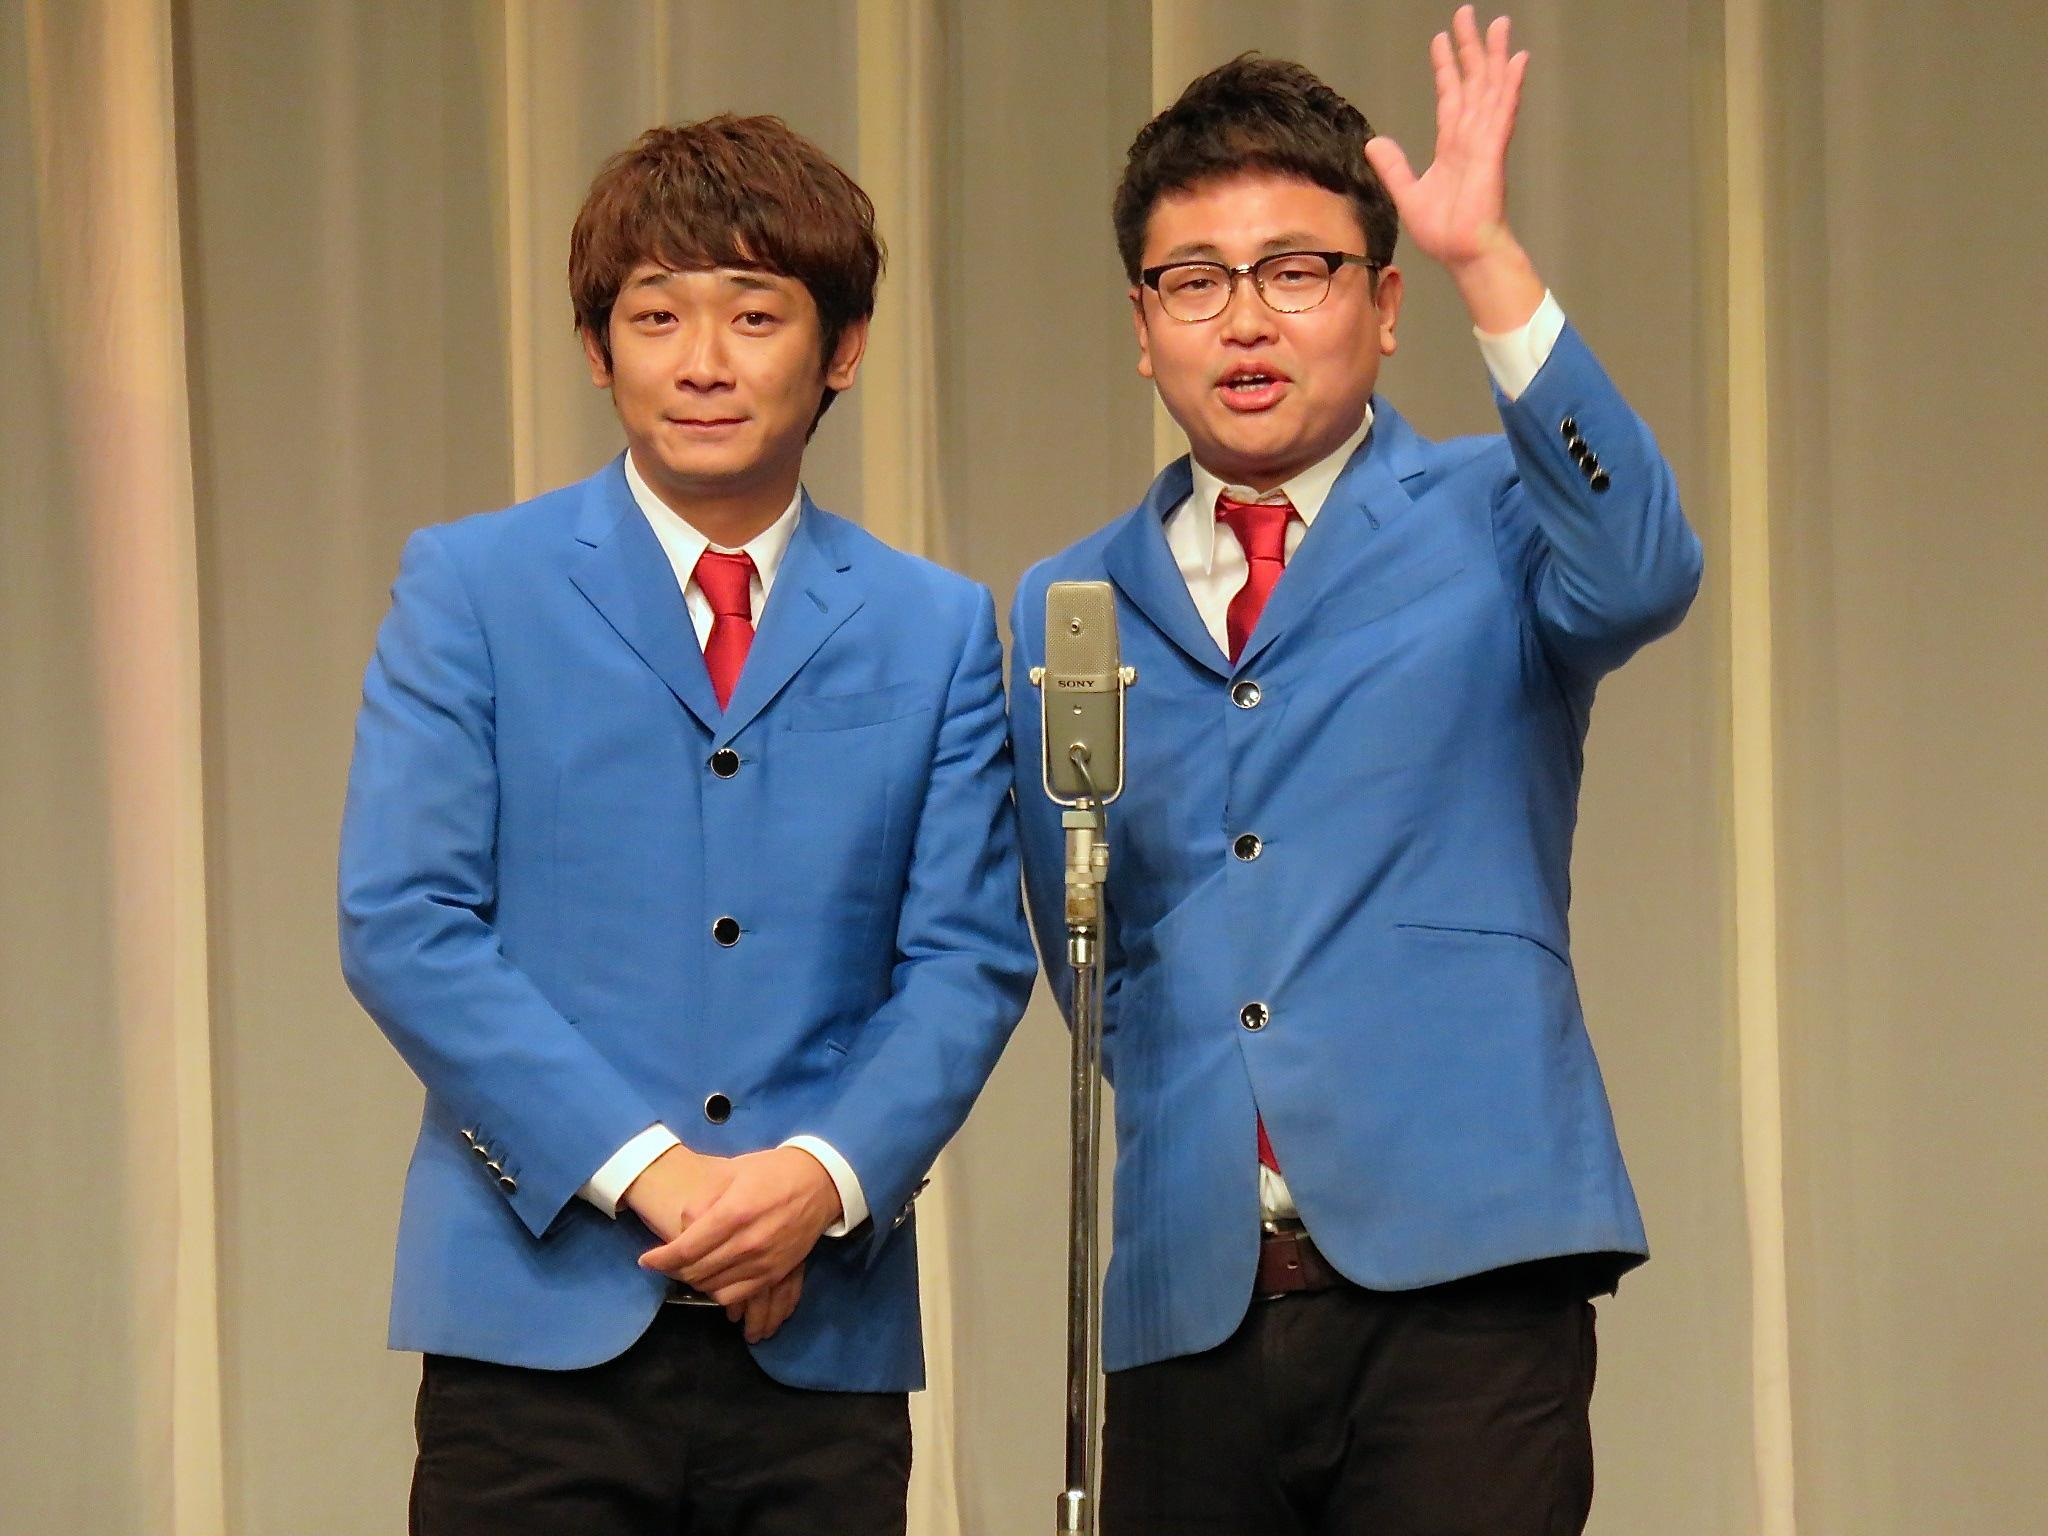 http://news.yoshimoto.co.jp/20171010202820-c40ea2d6c6251d4da8fb72d34324f45e81af76bd.jpg